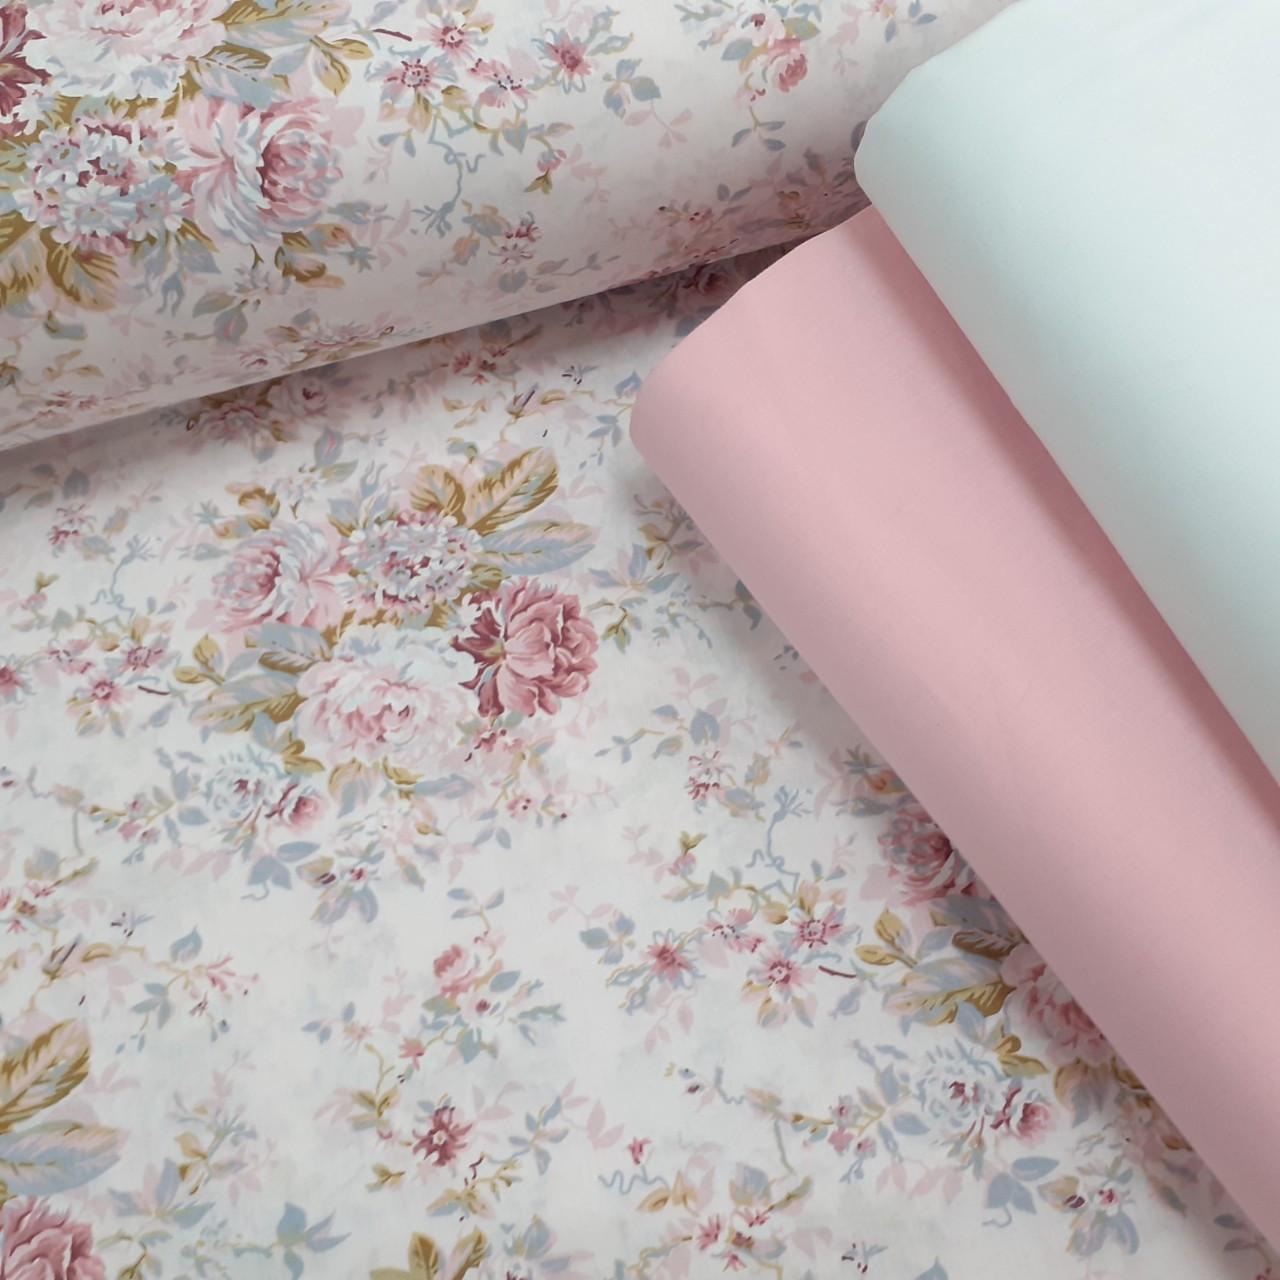 Хлопковая ткань (ТУРЦИЯ шир. 2,4 м) цветы в розовых тонах на светло-бежевом